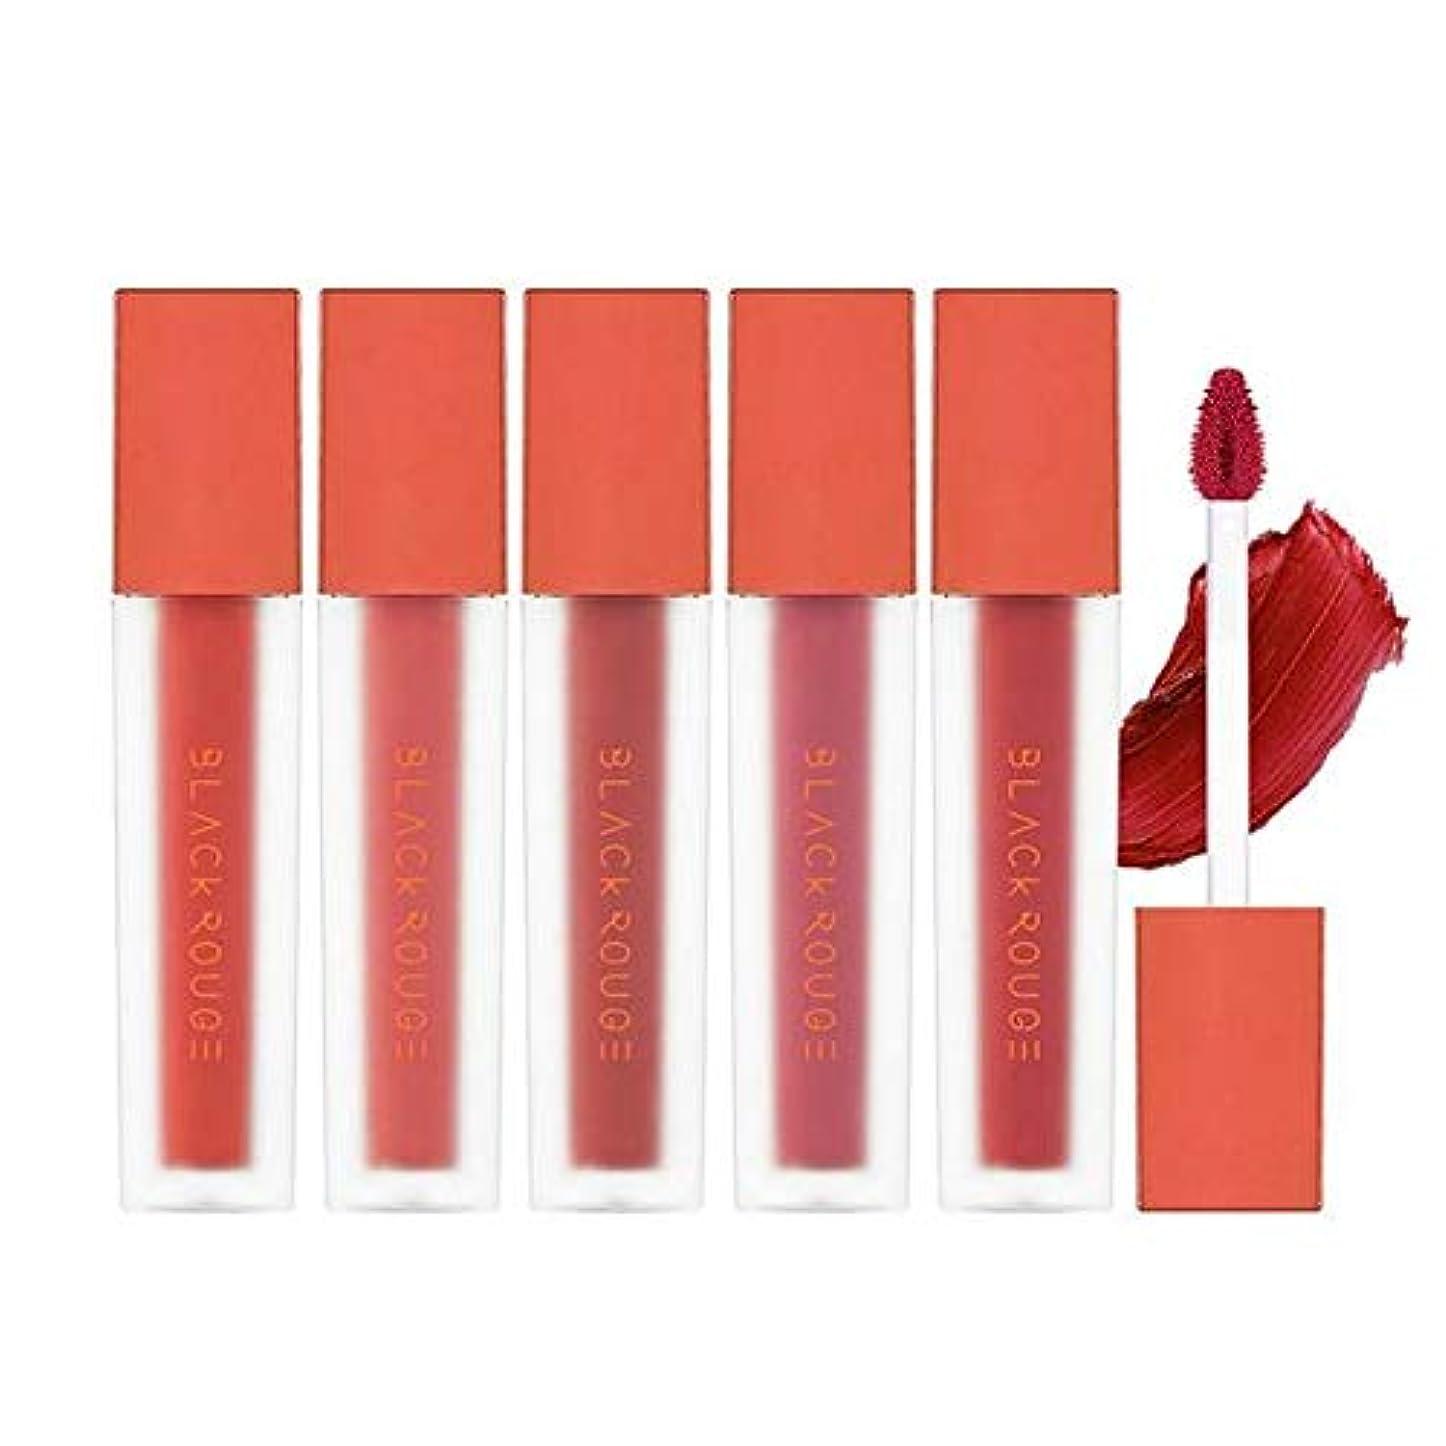 上へ池メイドBlack Rouge Air Fit Velvet Tint 4.5g ブラックルージュ エア フィット ベルベット ティント (A15 Jujube) [並行輸入品]